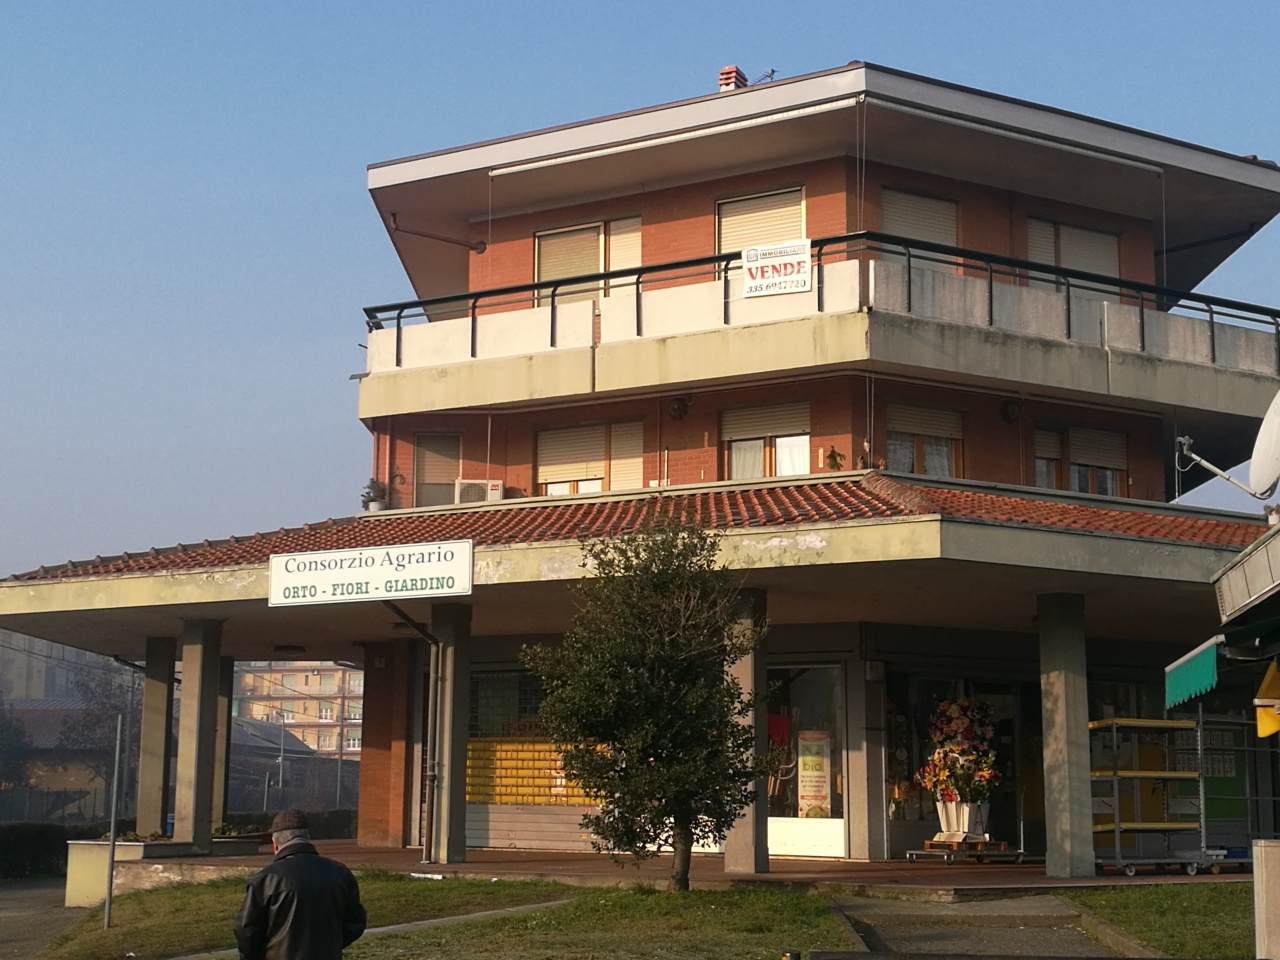 Appartamento in vendita a Crescentino, 6 locali, prezzo € 64.000 | PortaleAgenzieImmobiliari.it